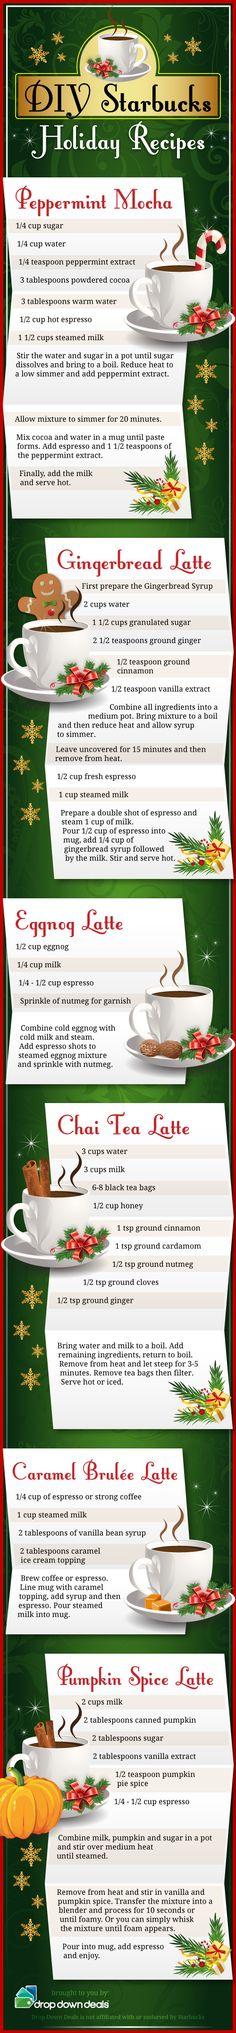 DIY Starbucks Holiday Drink Recipes!